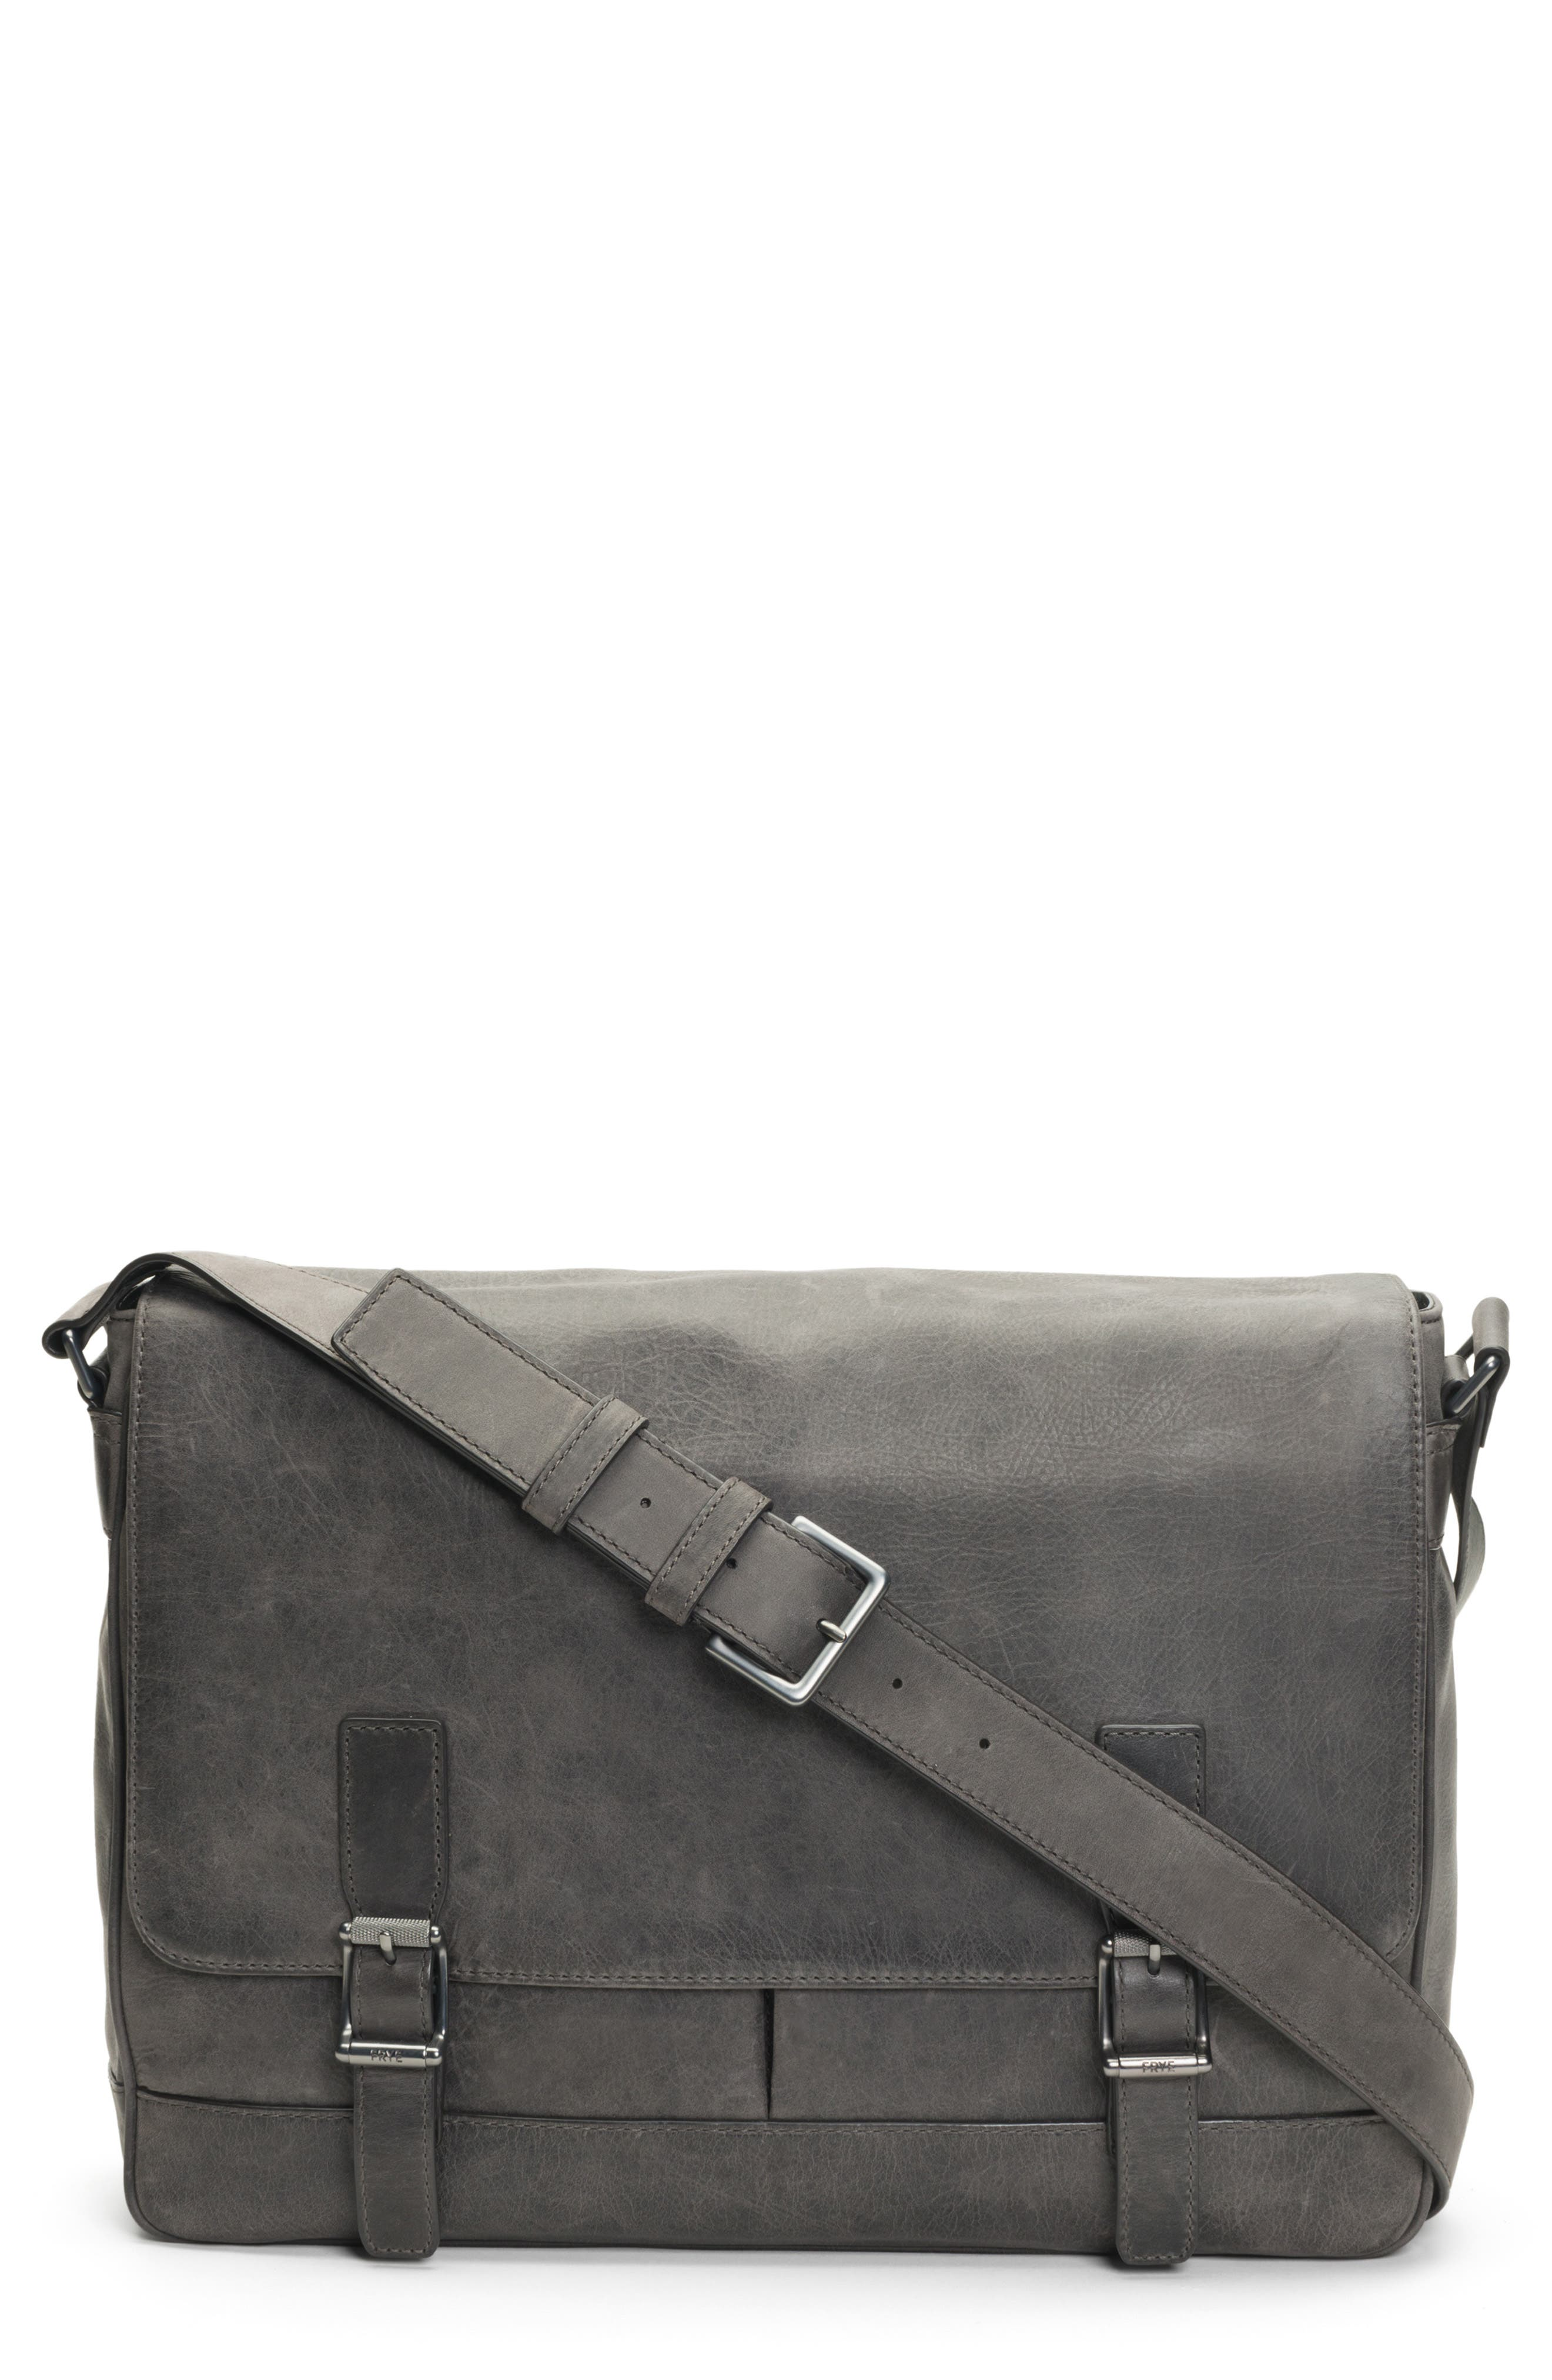 FRYE, Oliver Leather Messenger Bag, Main thumbnail 1, color, 031